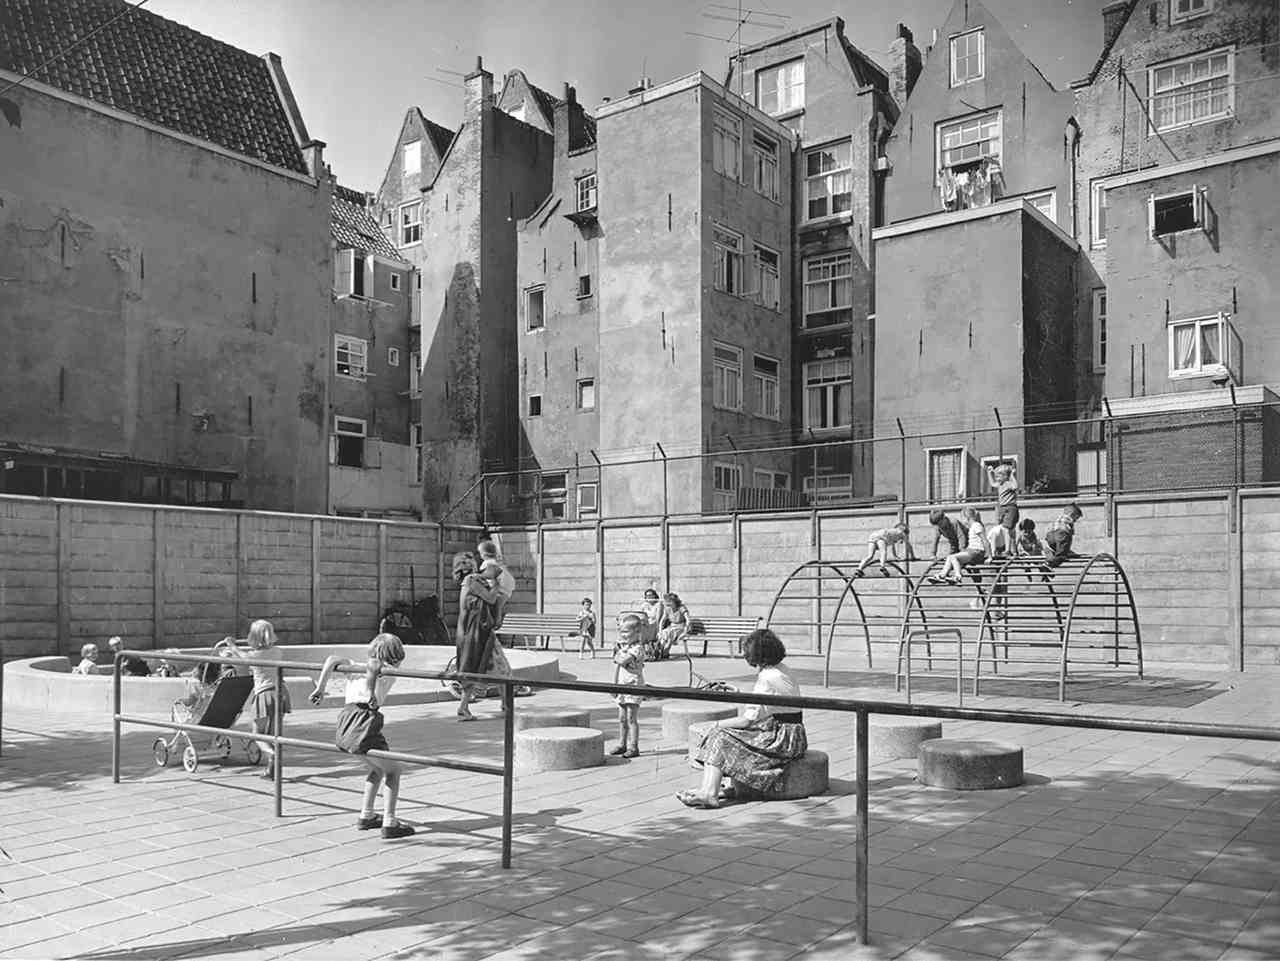 Jakoba Mulder y Aldo Van Eyck provocarón la construcción de más de 700 parques infantiles en Amnsterdam